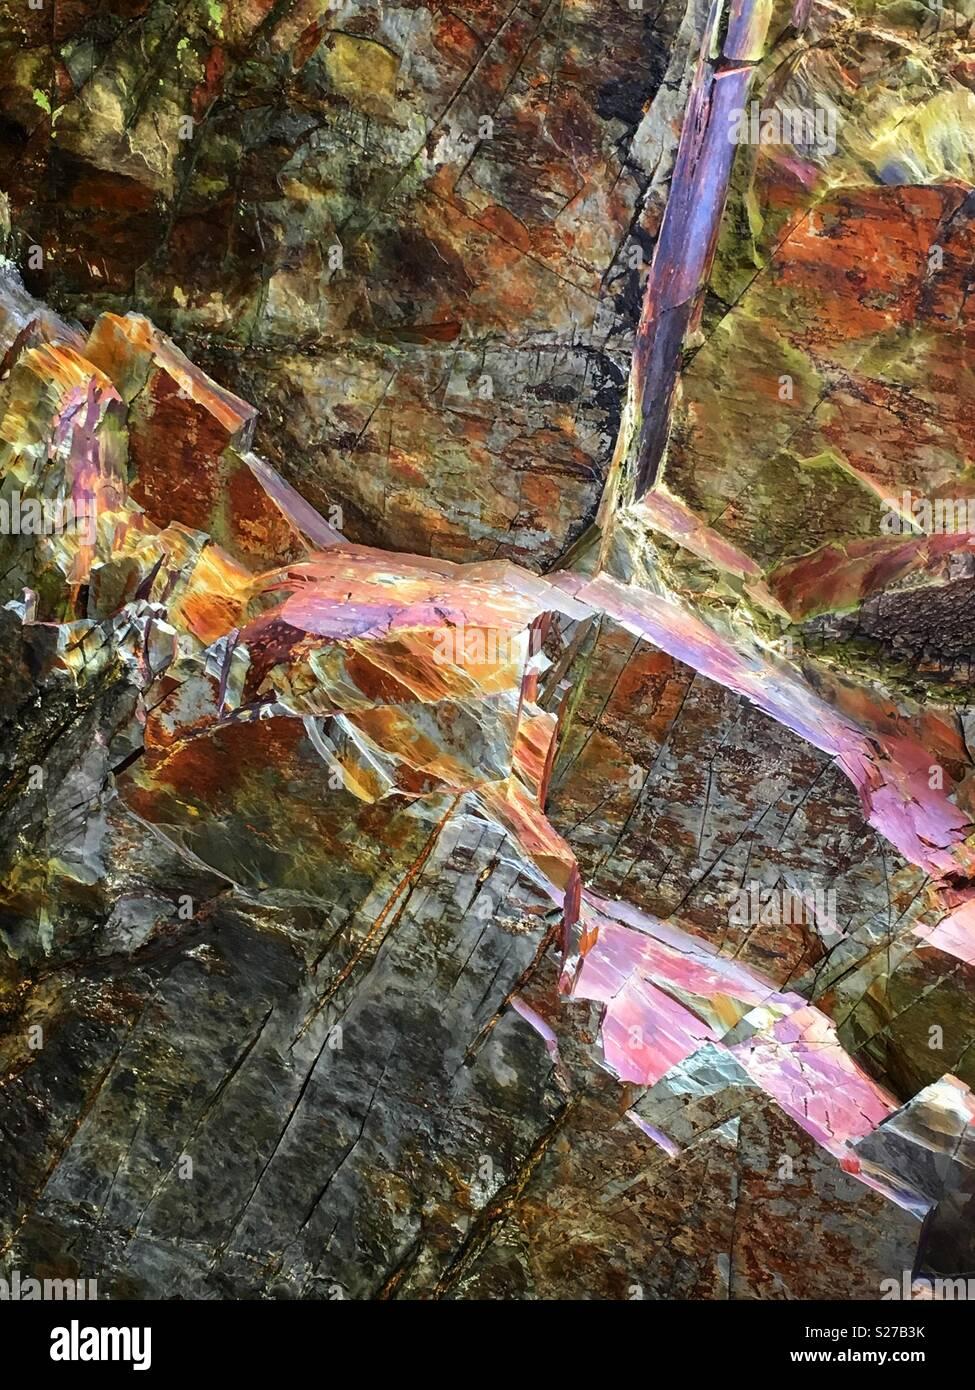 Natural de roca expuesta desde el mar se presenta como un mosaico abstracto. Imagen De Stock